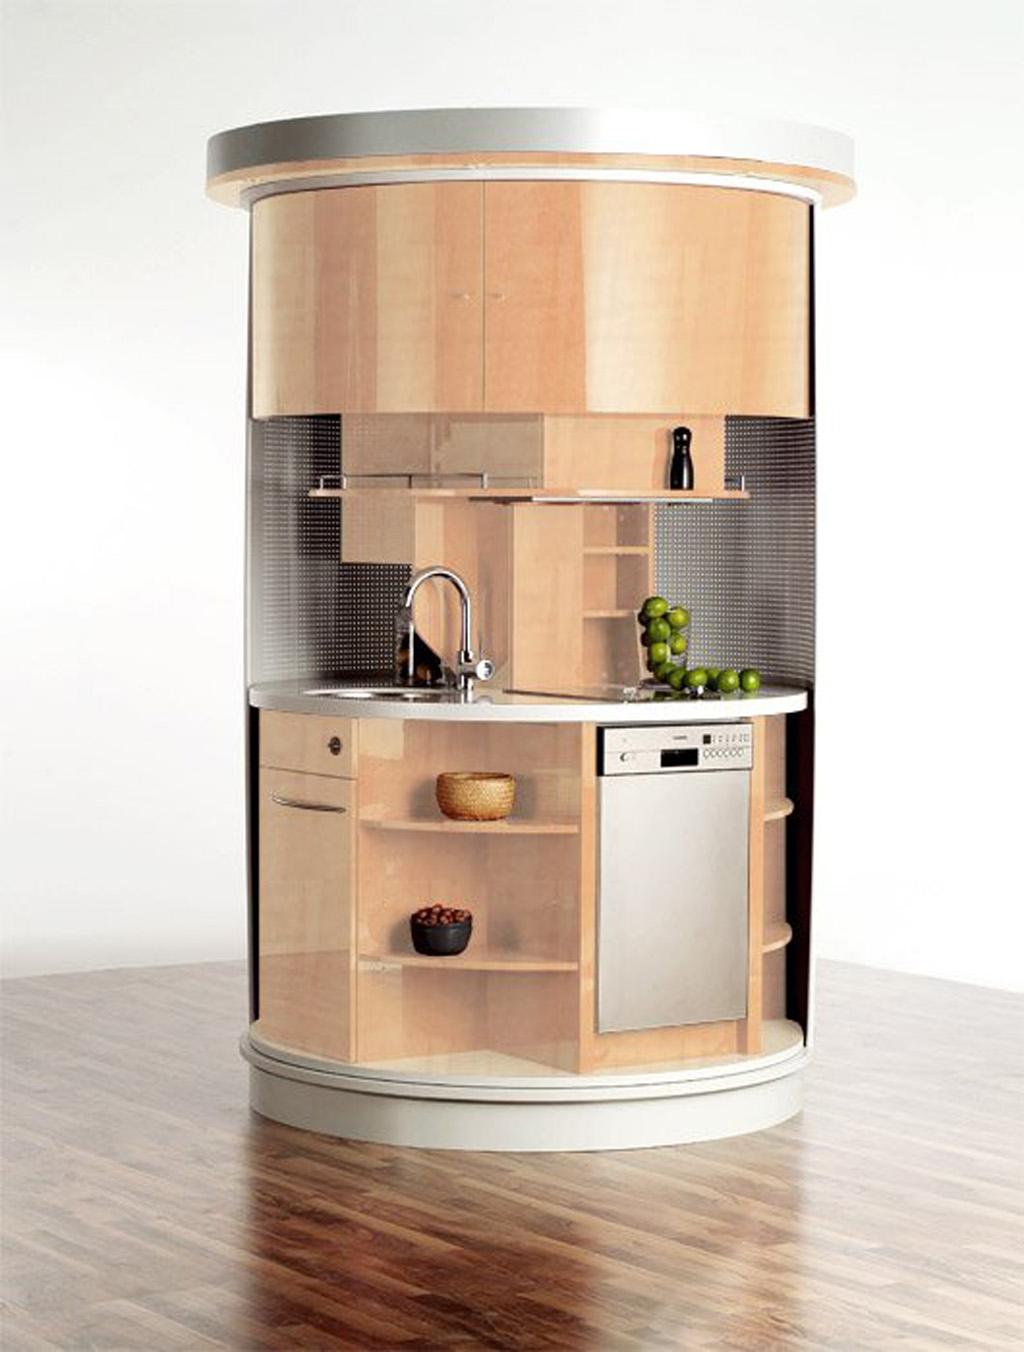 round-fashionable-kitchen-appliance-designs Top 25 Futuristic Kitchen Designs